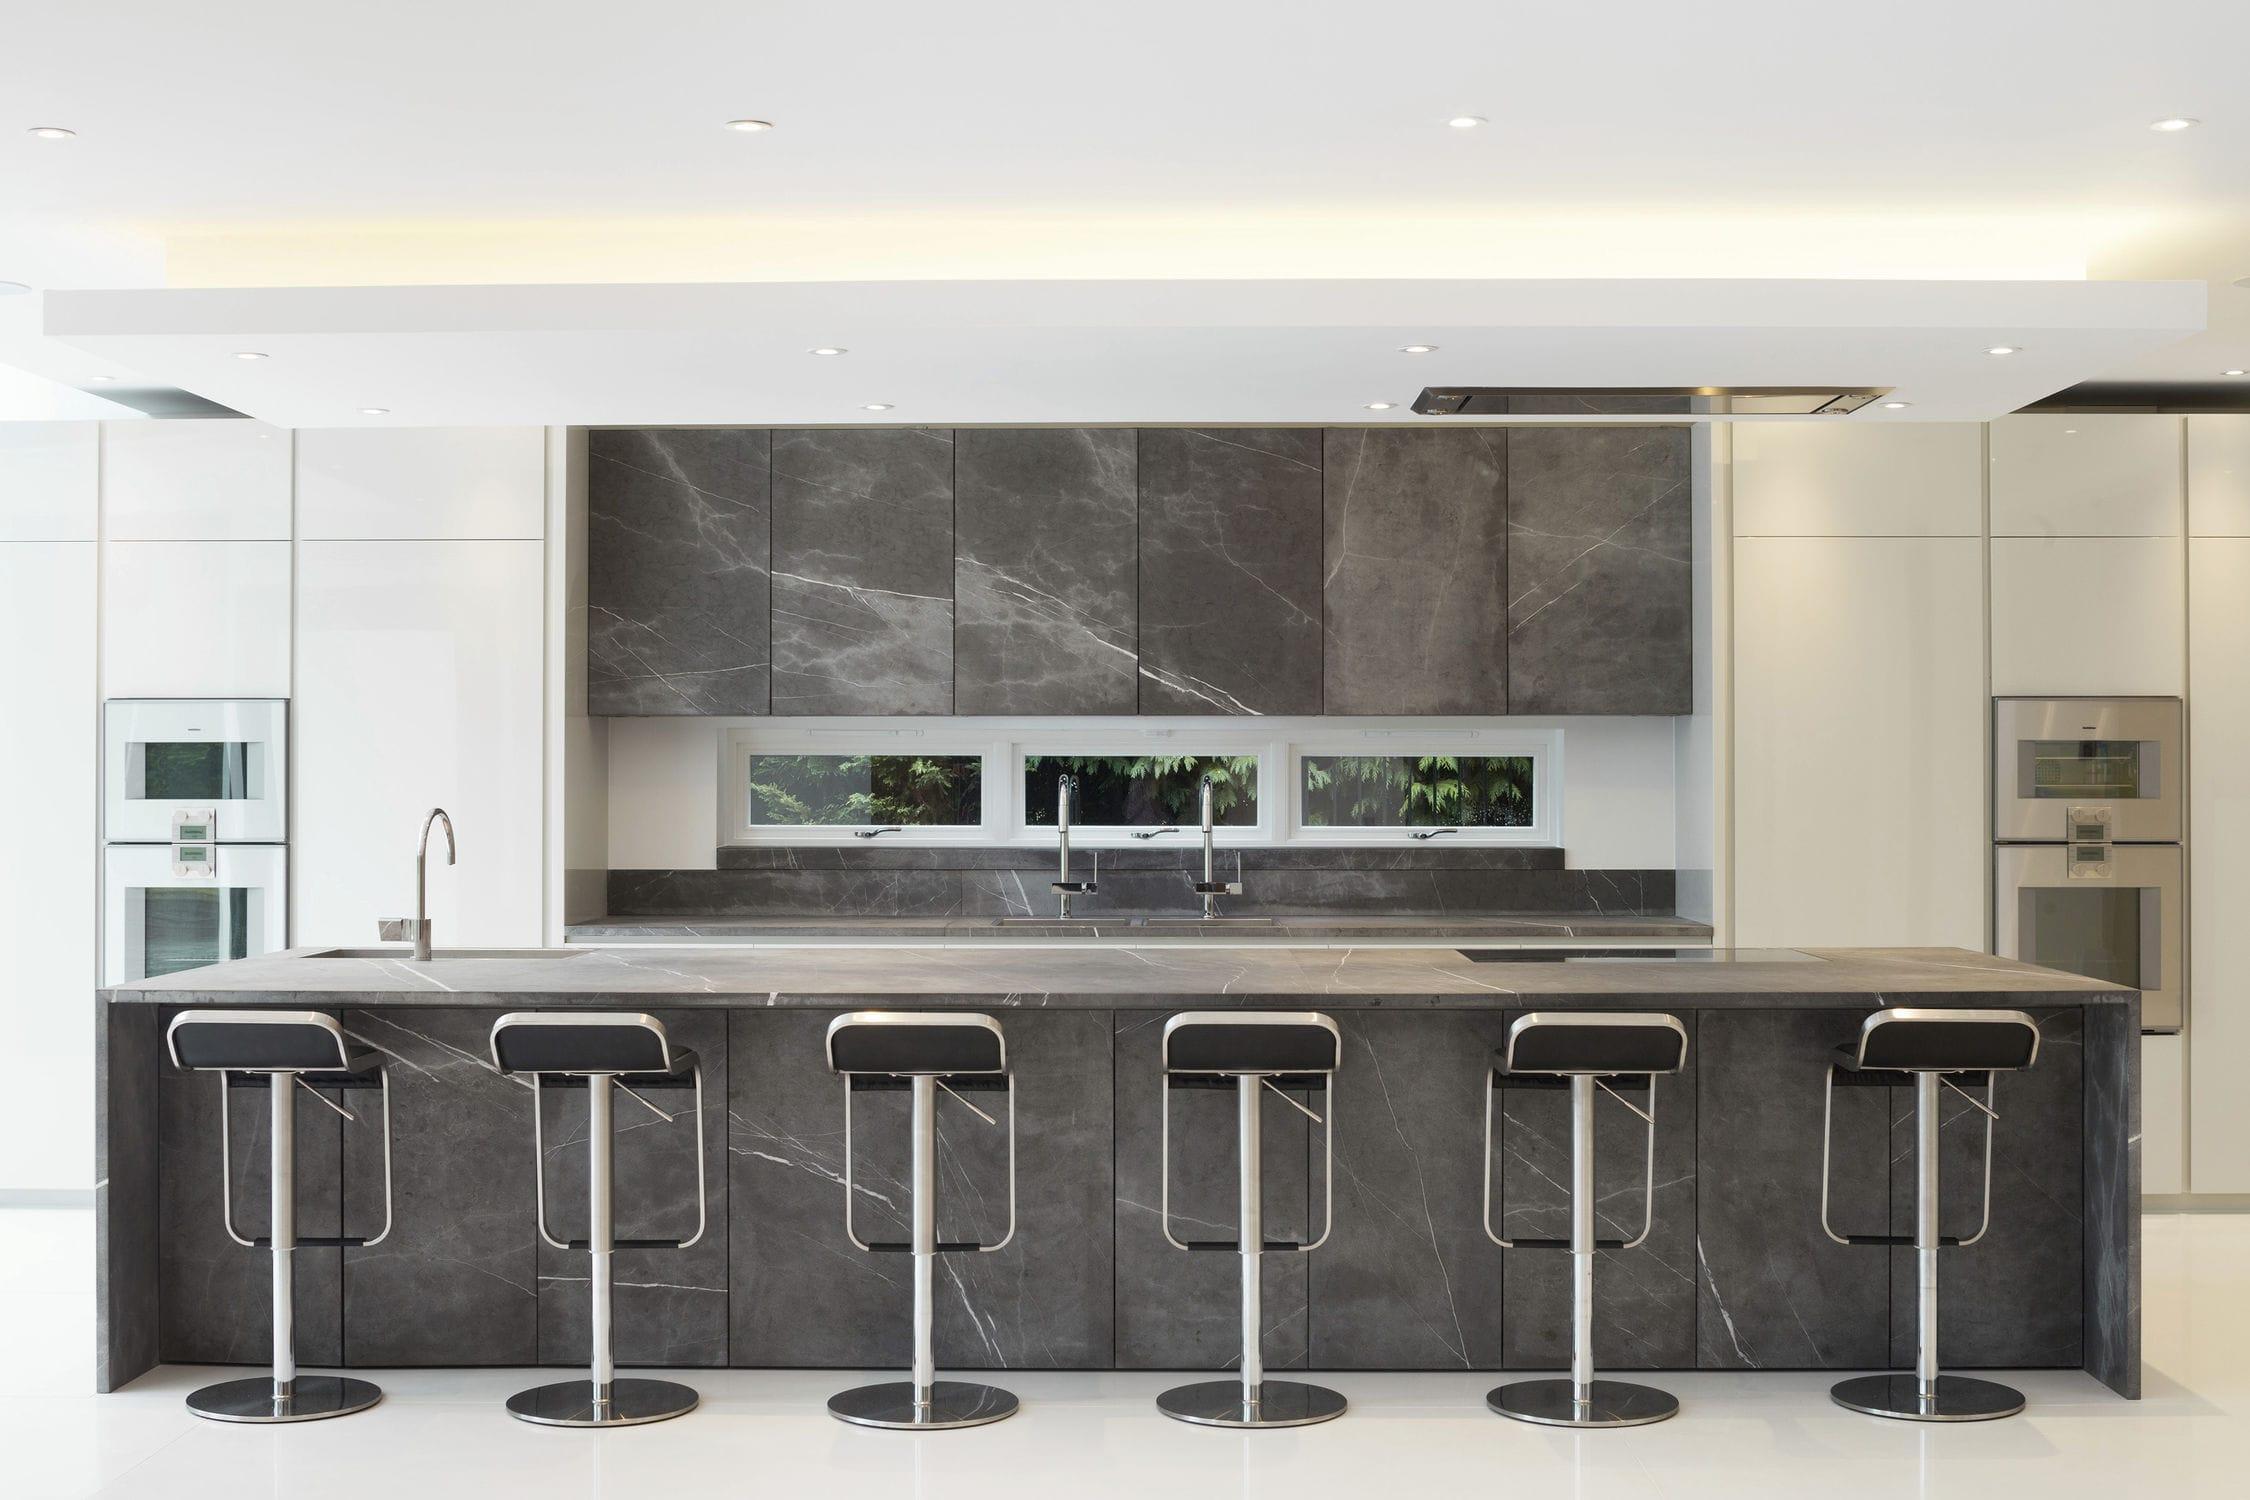 kuche mit kochinsel tm italien, moderne küche / stein / kochinsel / ohne griff - 201212, Design ideen